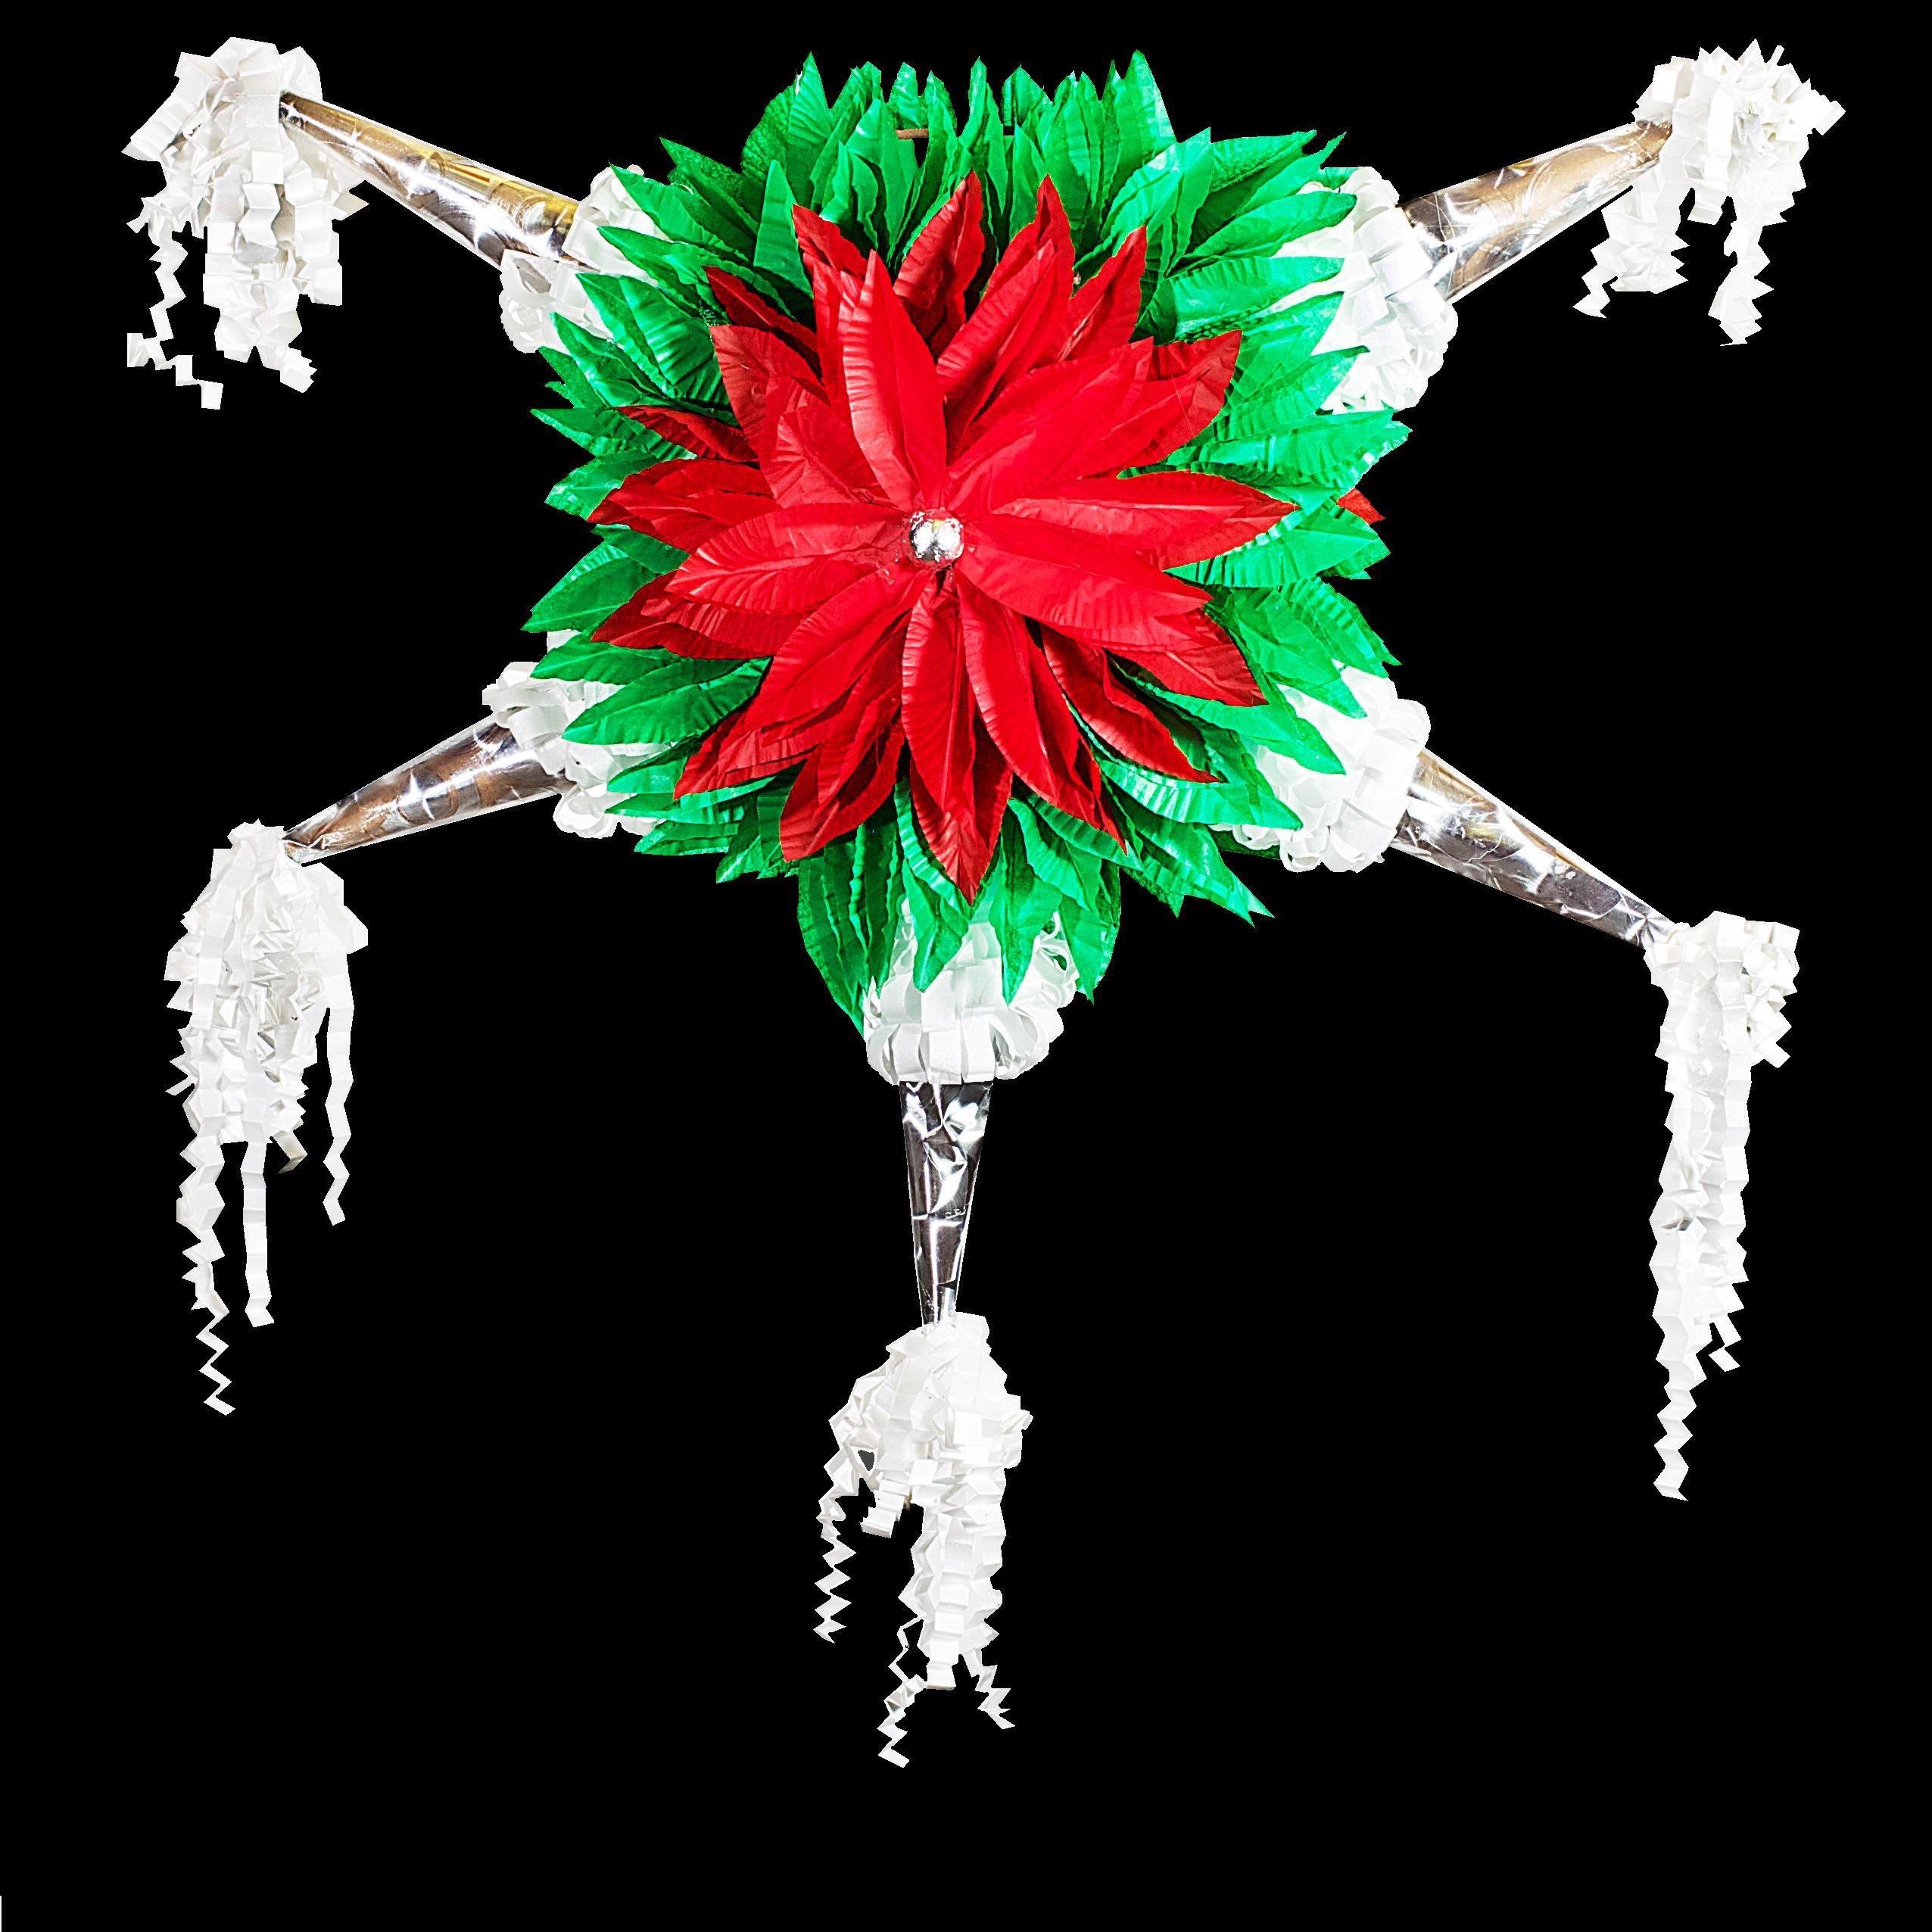 Pinatas La Pinata Navidena 100 Unica Y Hecha A Mano Por Nuestros Artesanos Encuentrala En Www Mymexica Pinatas Tradicionales Pinata De Picos Pinatas Navidad